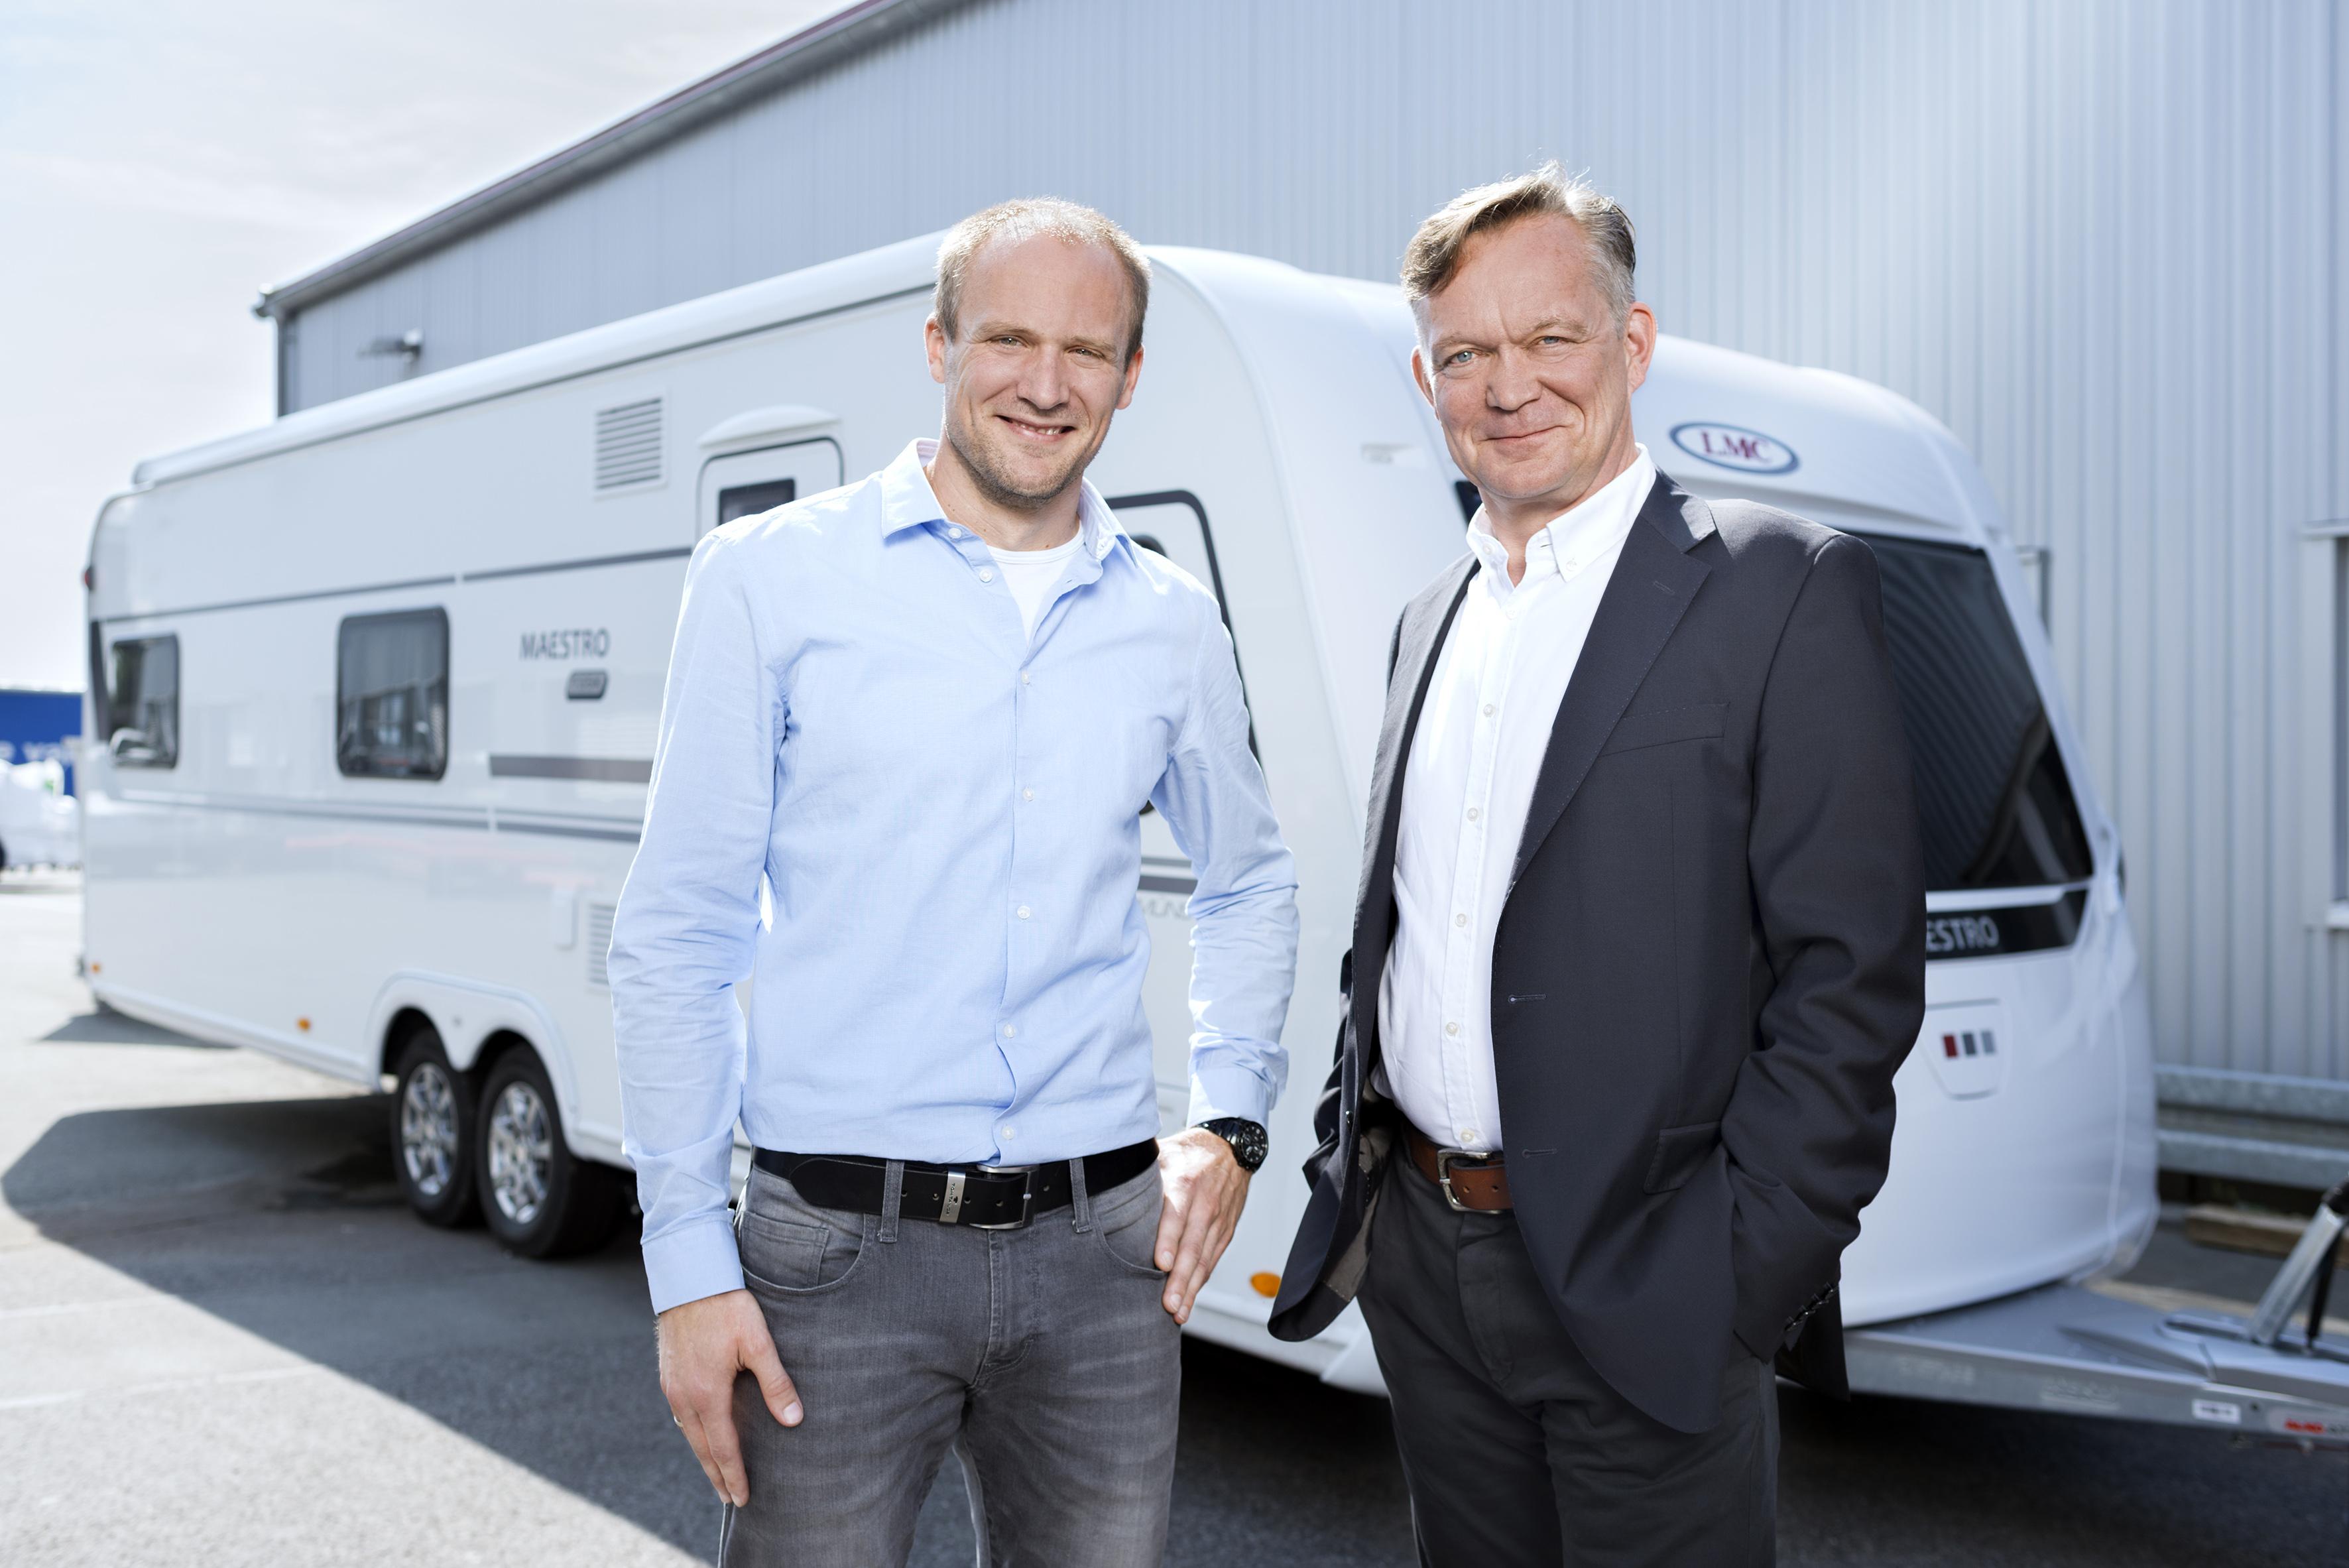 """Michael Schürmann (links) und Olaf Schmidt haben von Projektbeginn an """"sehr vertrauensvoll und partnerschaftlich zusammengearbeitet"""", wie beide bestätigen."""